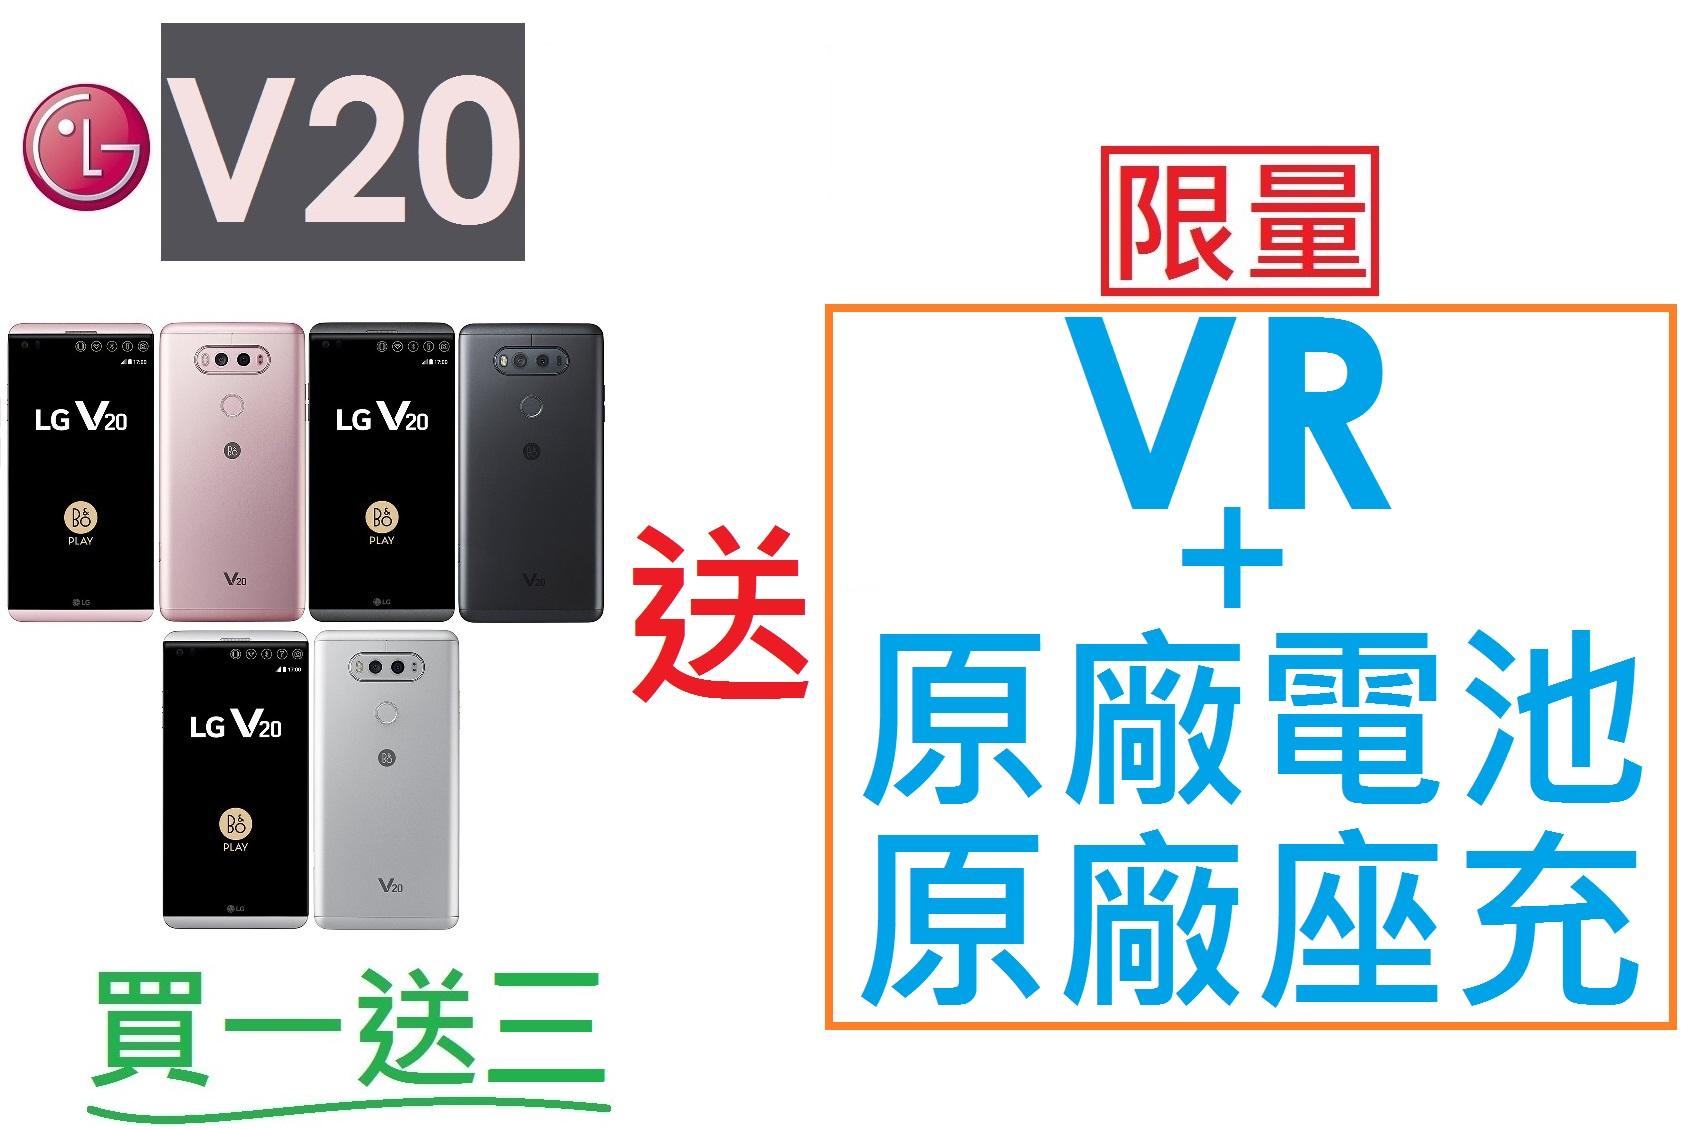 【原廠現貨】樂金 LG V20 (H990)5.7吋 4G/64G 4G LTE 智慧型手機●雙螢幕●B&O Hi Fi●QC 3.0快充●廣角(送原廠電池座充組+VR眼鏡)